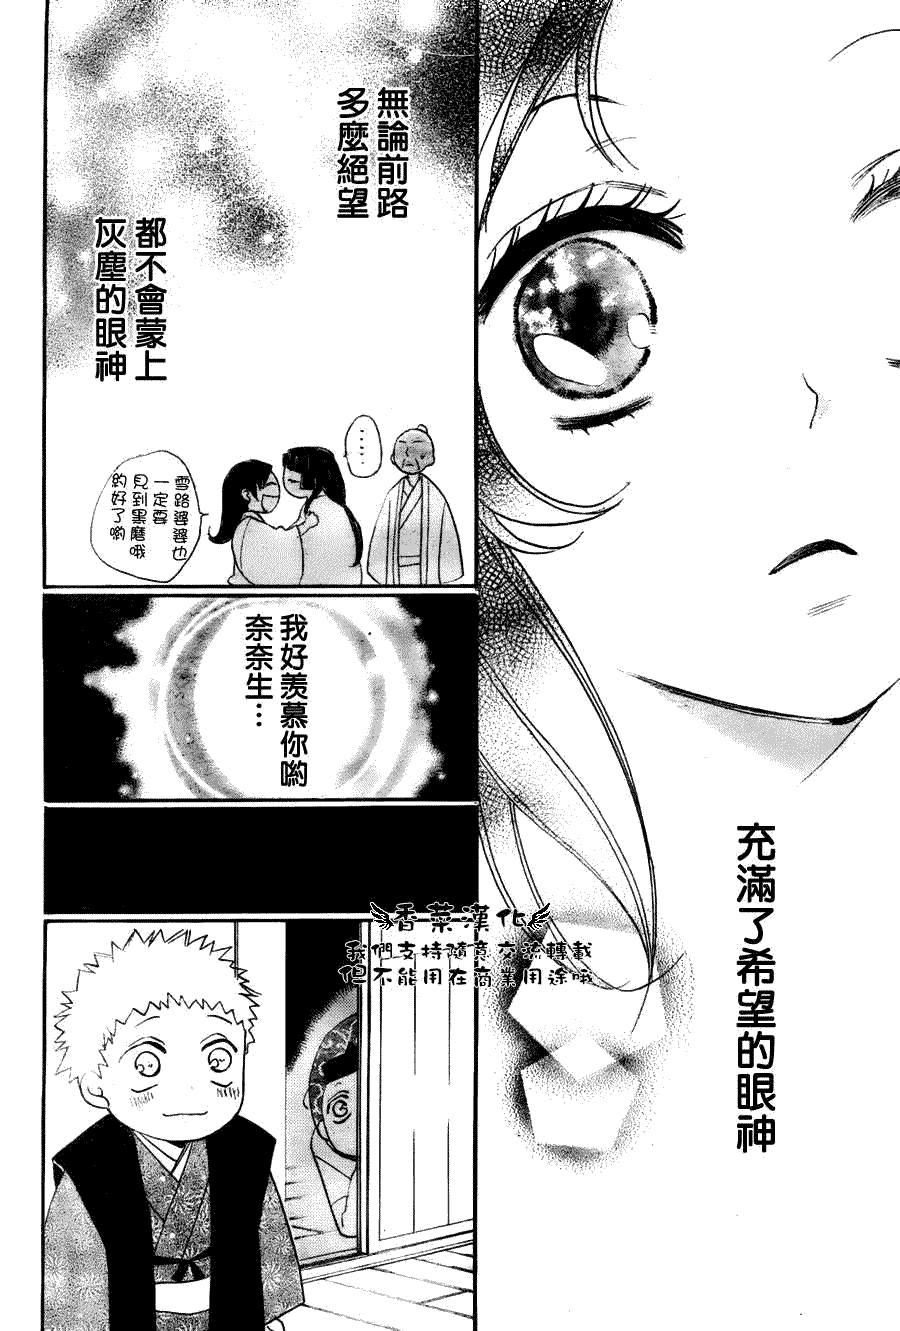 元氣少女緣結神: 091話 - 第24页